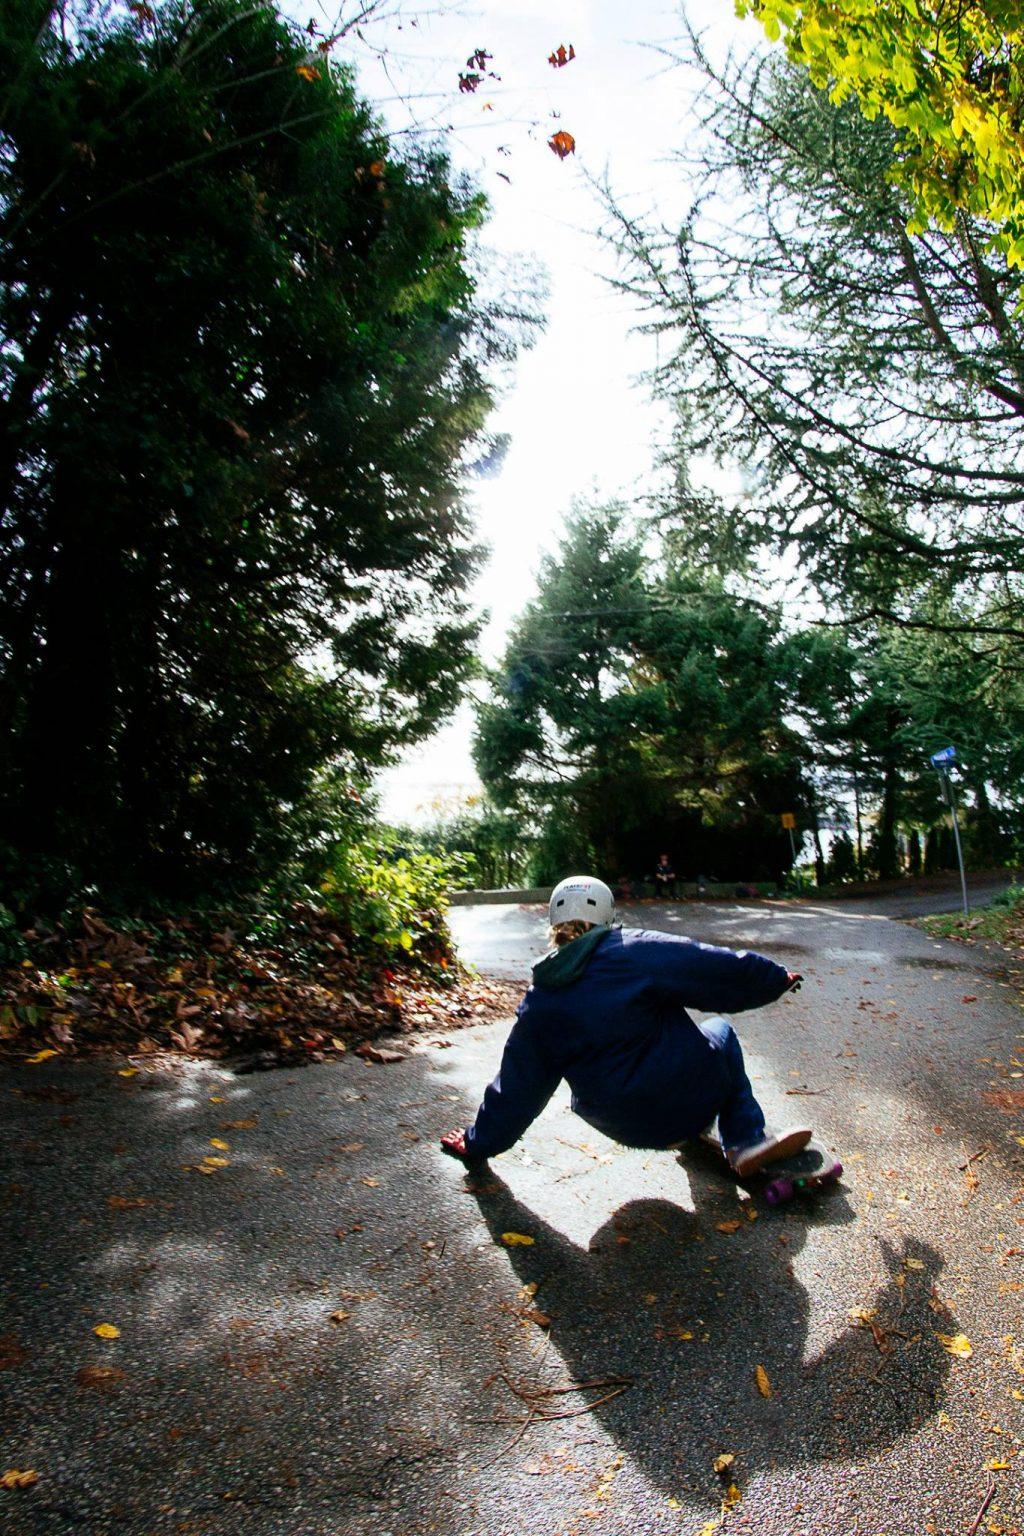 47-sam-galus-flatspot-longboards-valhalla-skateboards-higway-jam-highwayjamx-sho-ouellette-sho-stopper-longboarding